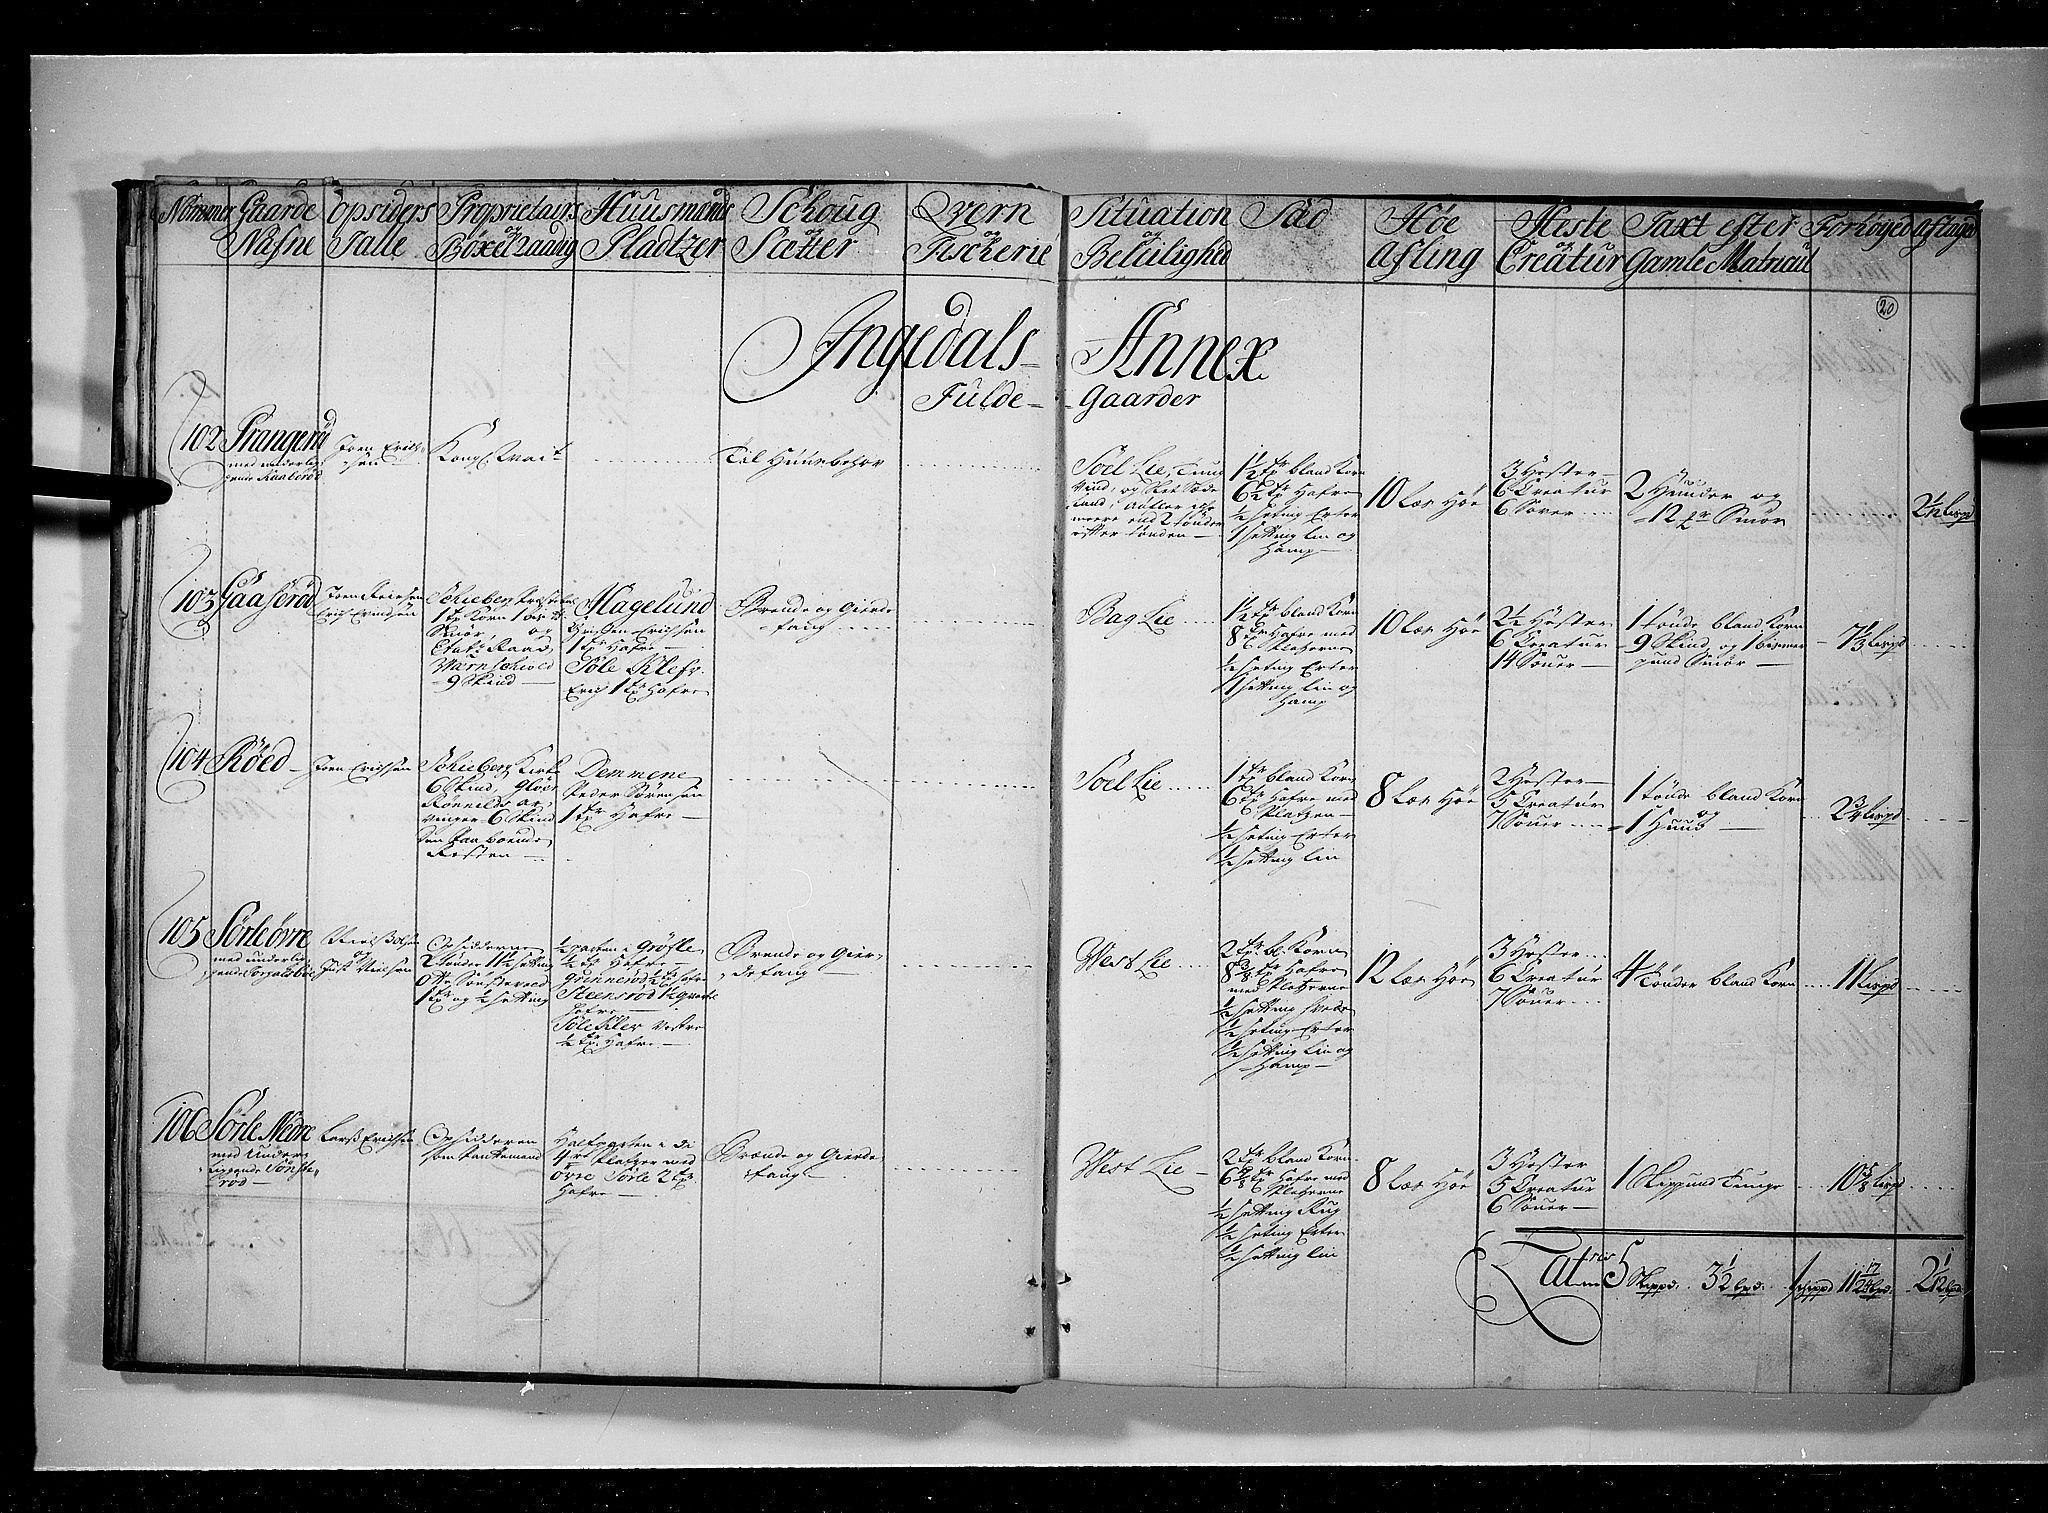 RA, Rentekammeret inntil 1814, Realistisk ordnet avdeling, N/Nb/Nbf/L0097: Idd og Marker eksaminasjonsprotokoll, 1723, s. 19b-20a